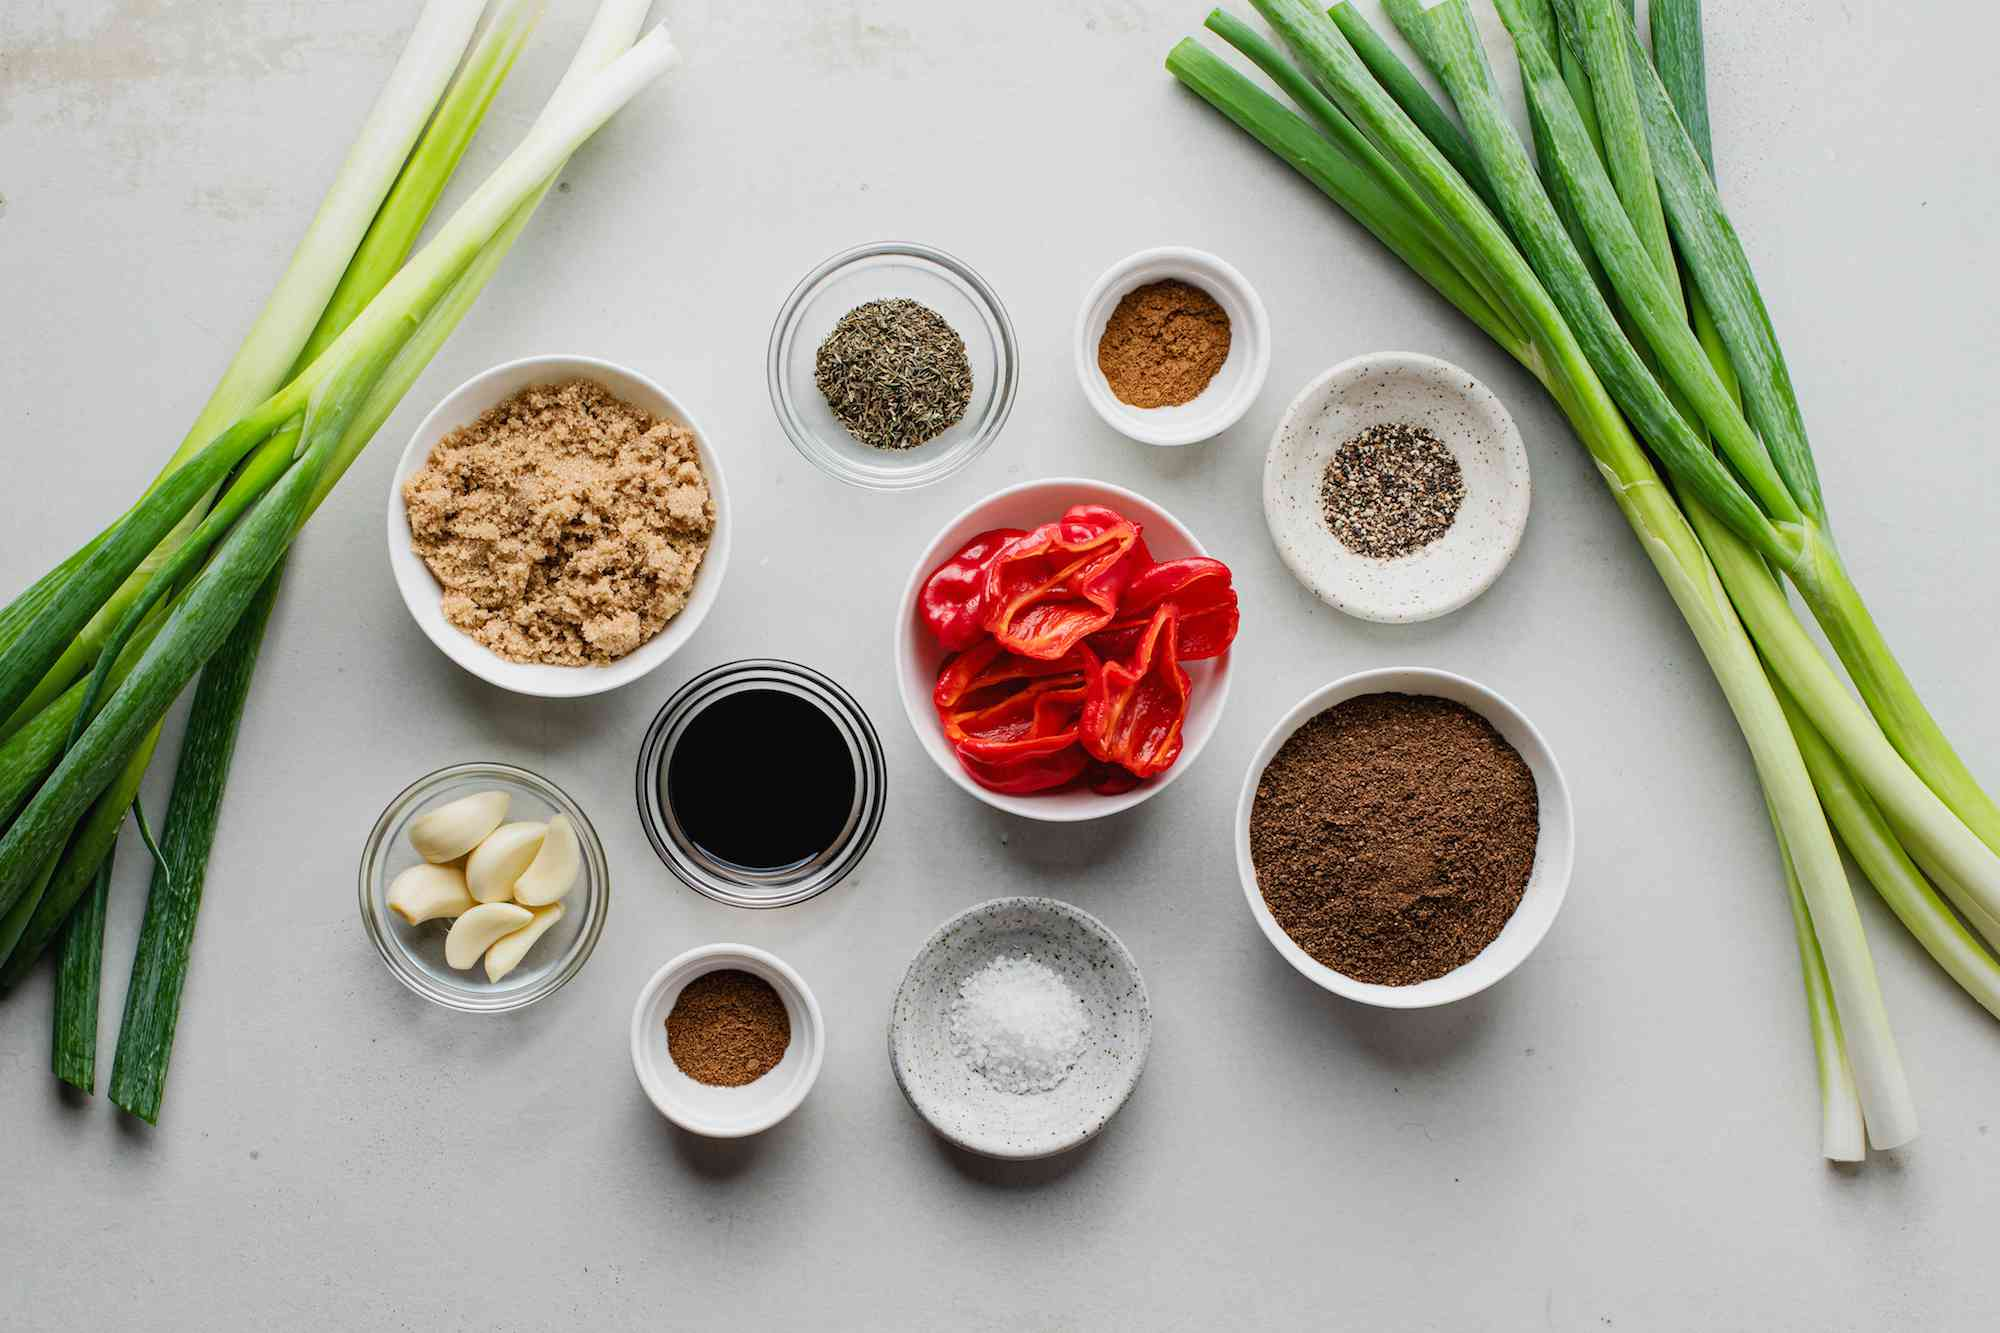 Ingredients for Jamaican jerk